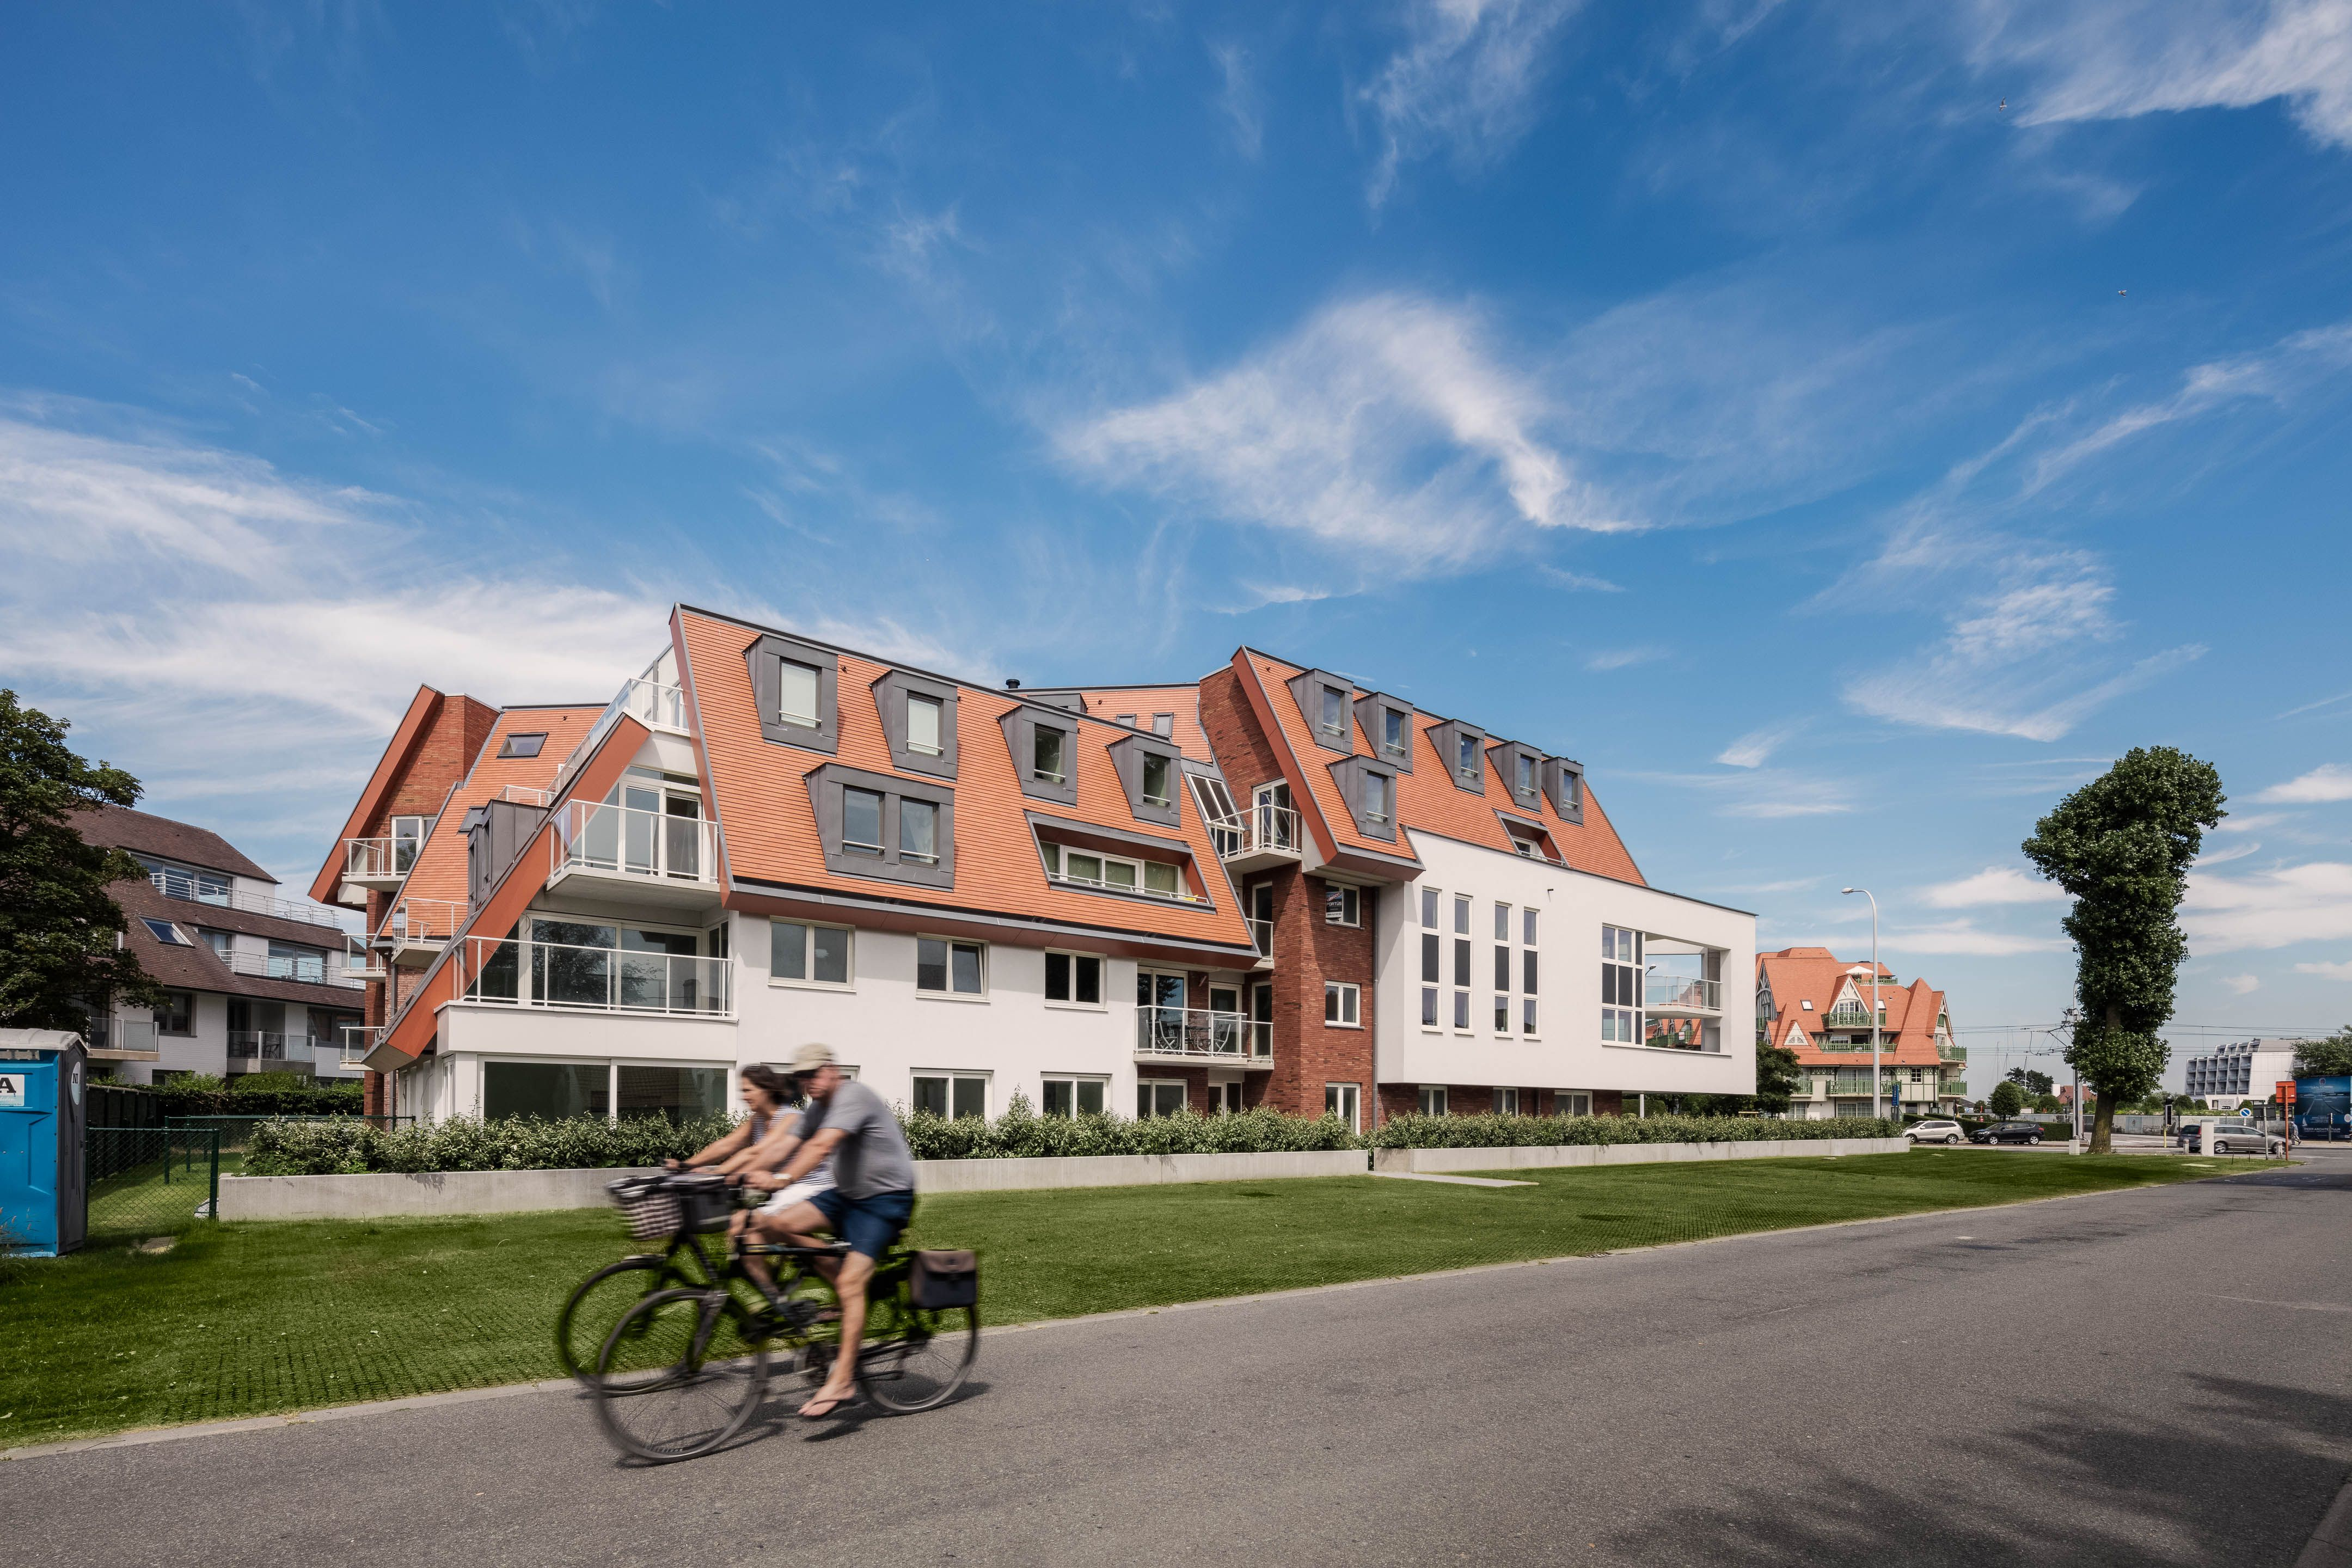 Appartement Residentie Villa Crombez Nieuwpoort - 9307